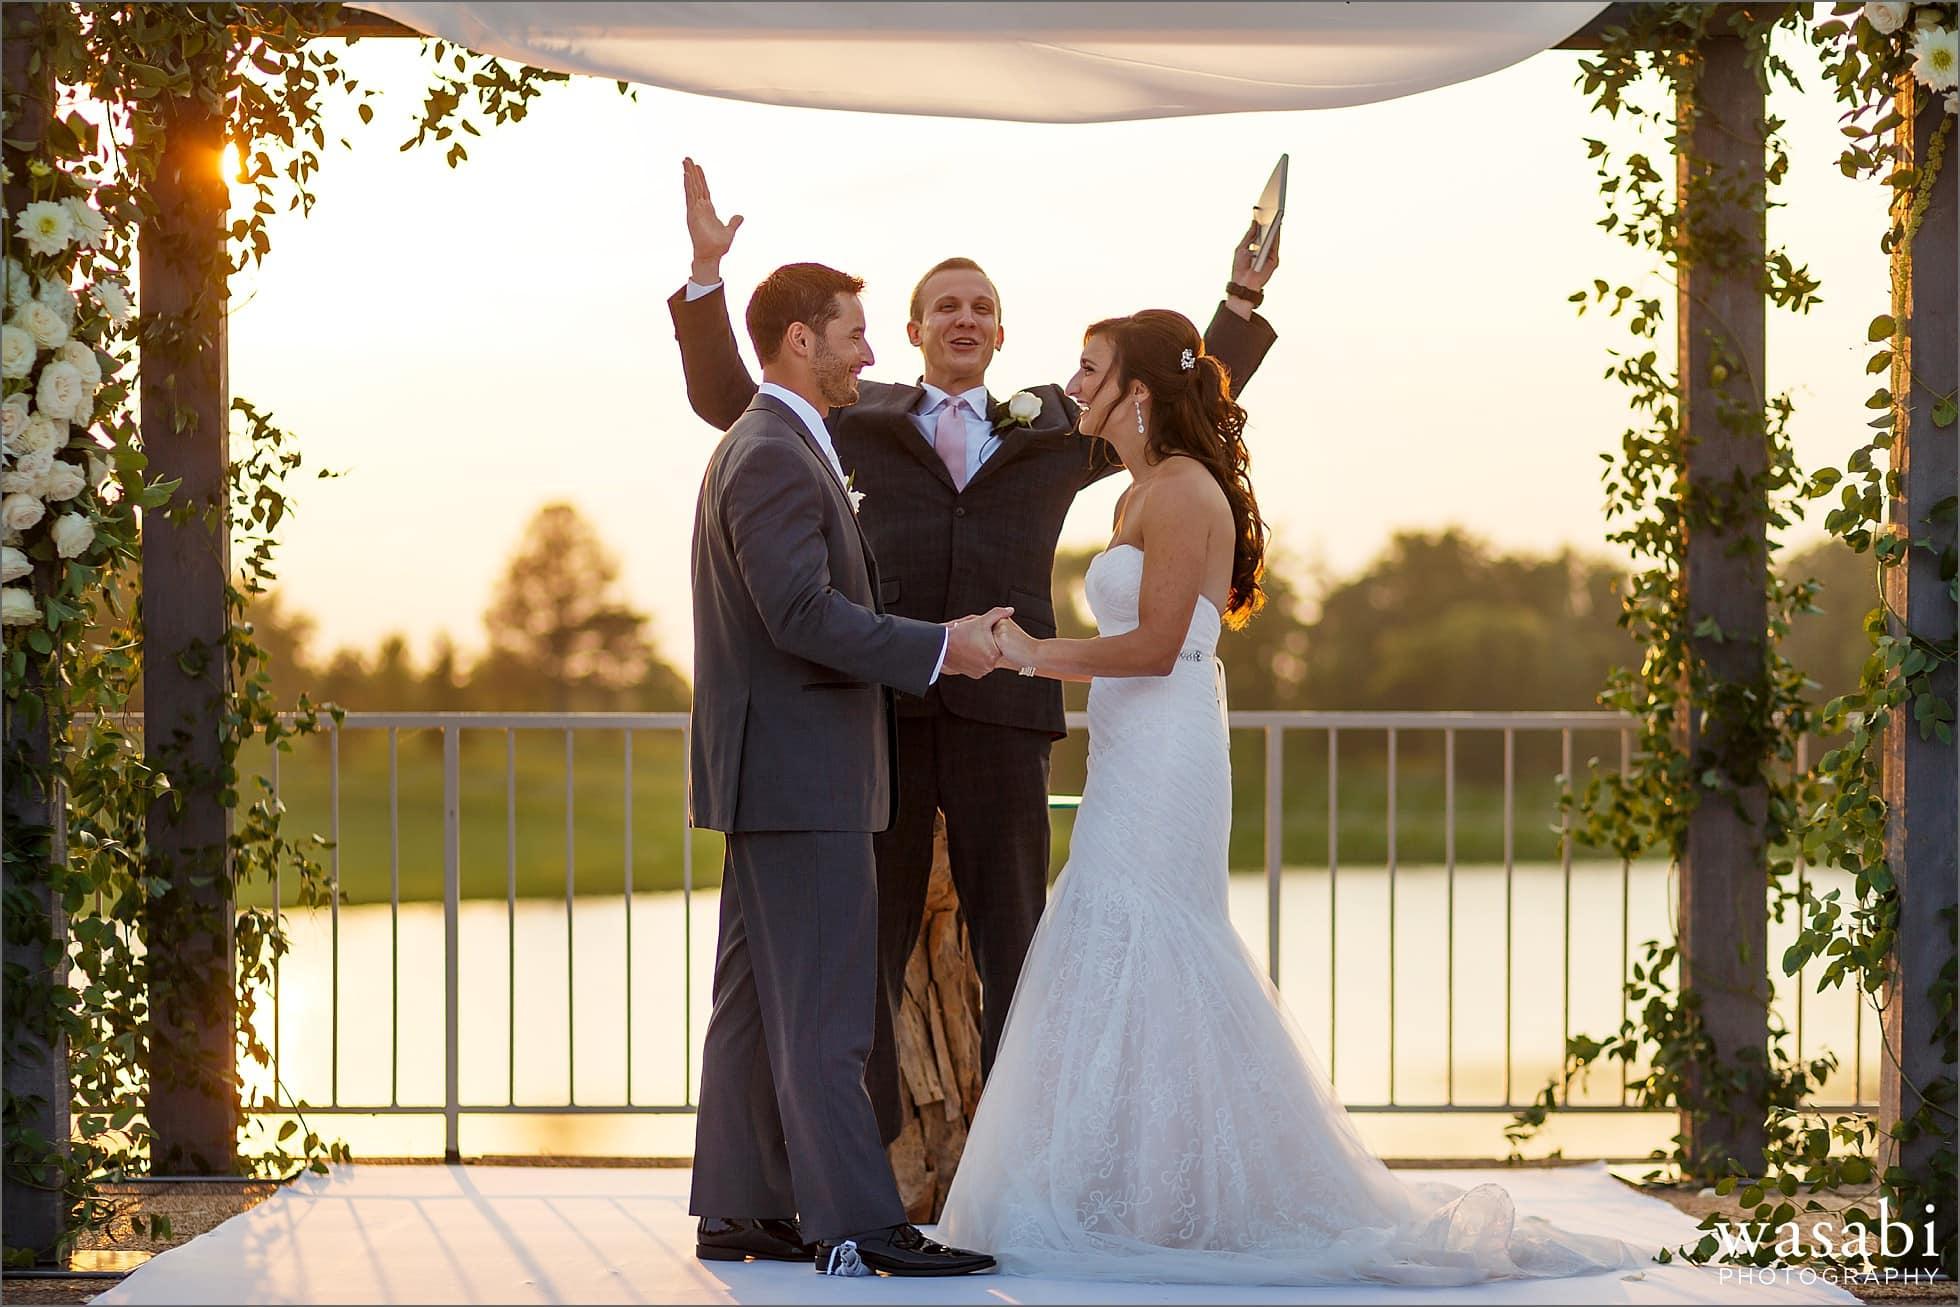 ivanhoe country club wedding photos ceremony